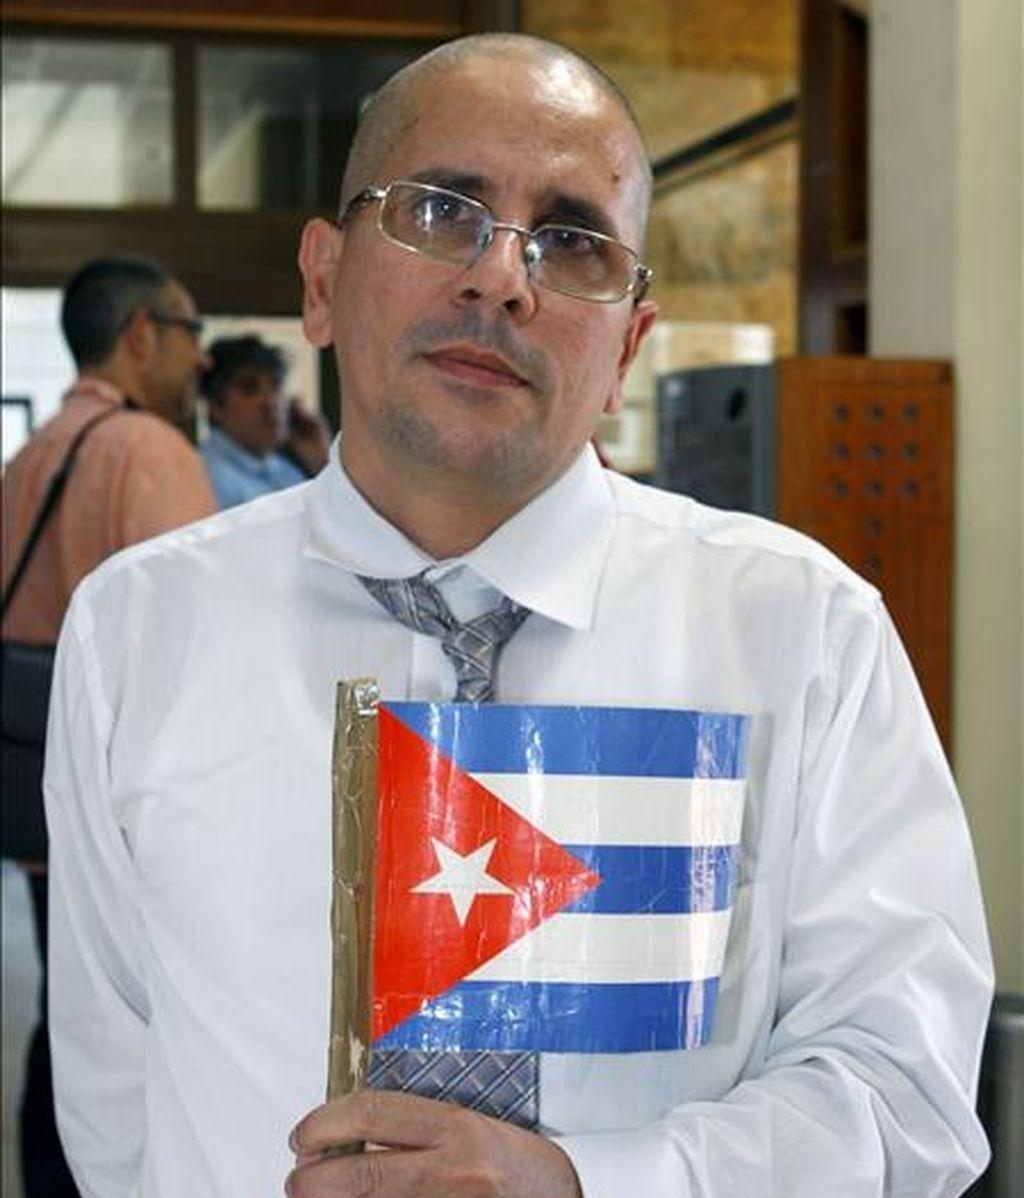 José Ubaldo Izquierdo, presos político cubano excarcelado el pasado 22 de julio. EFE/Archivo